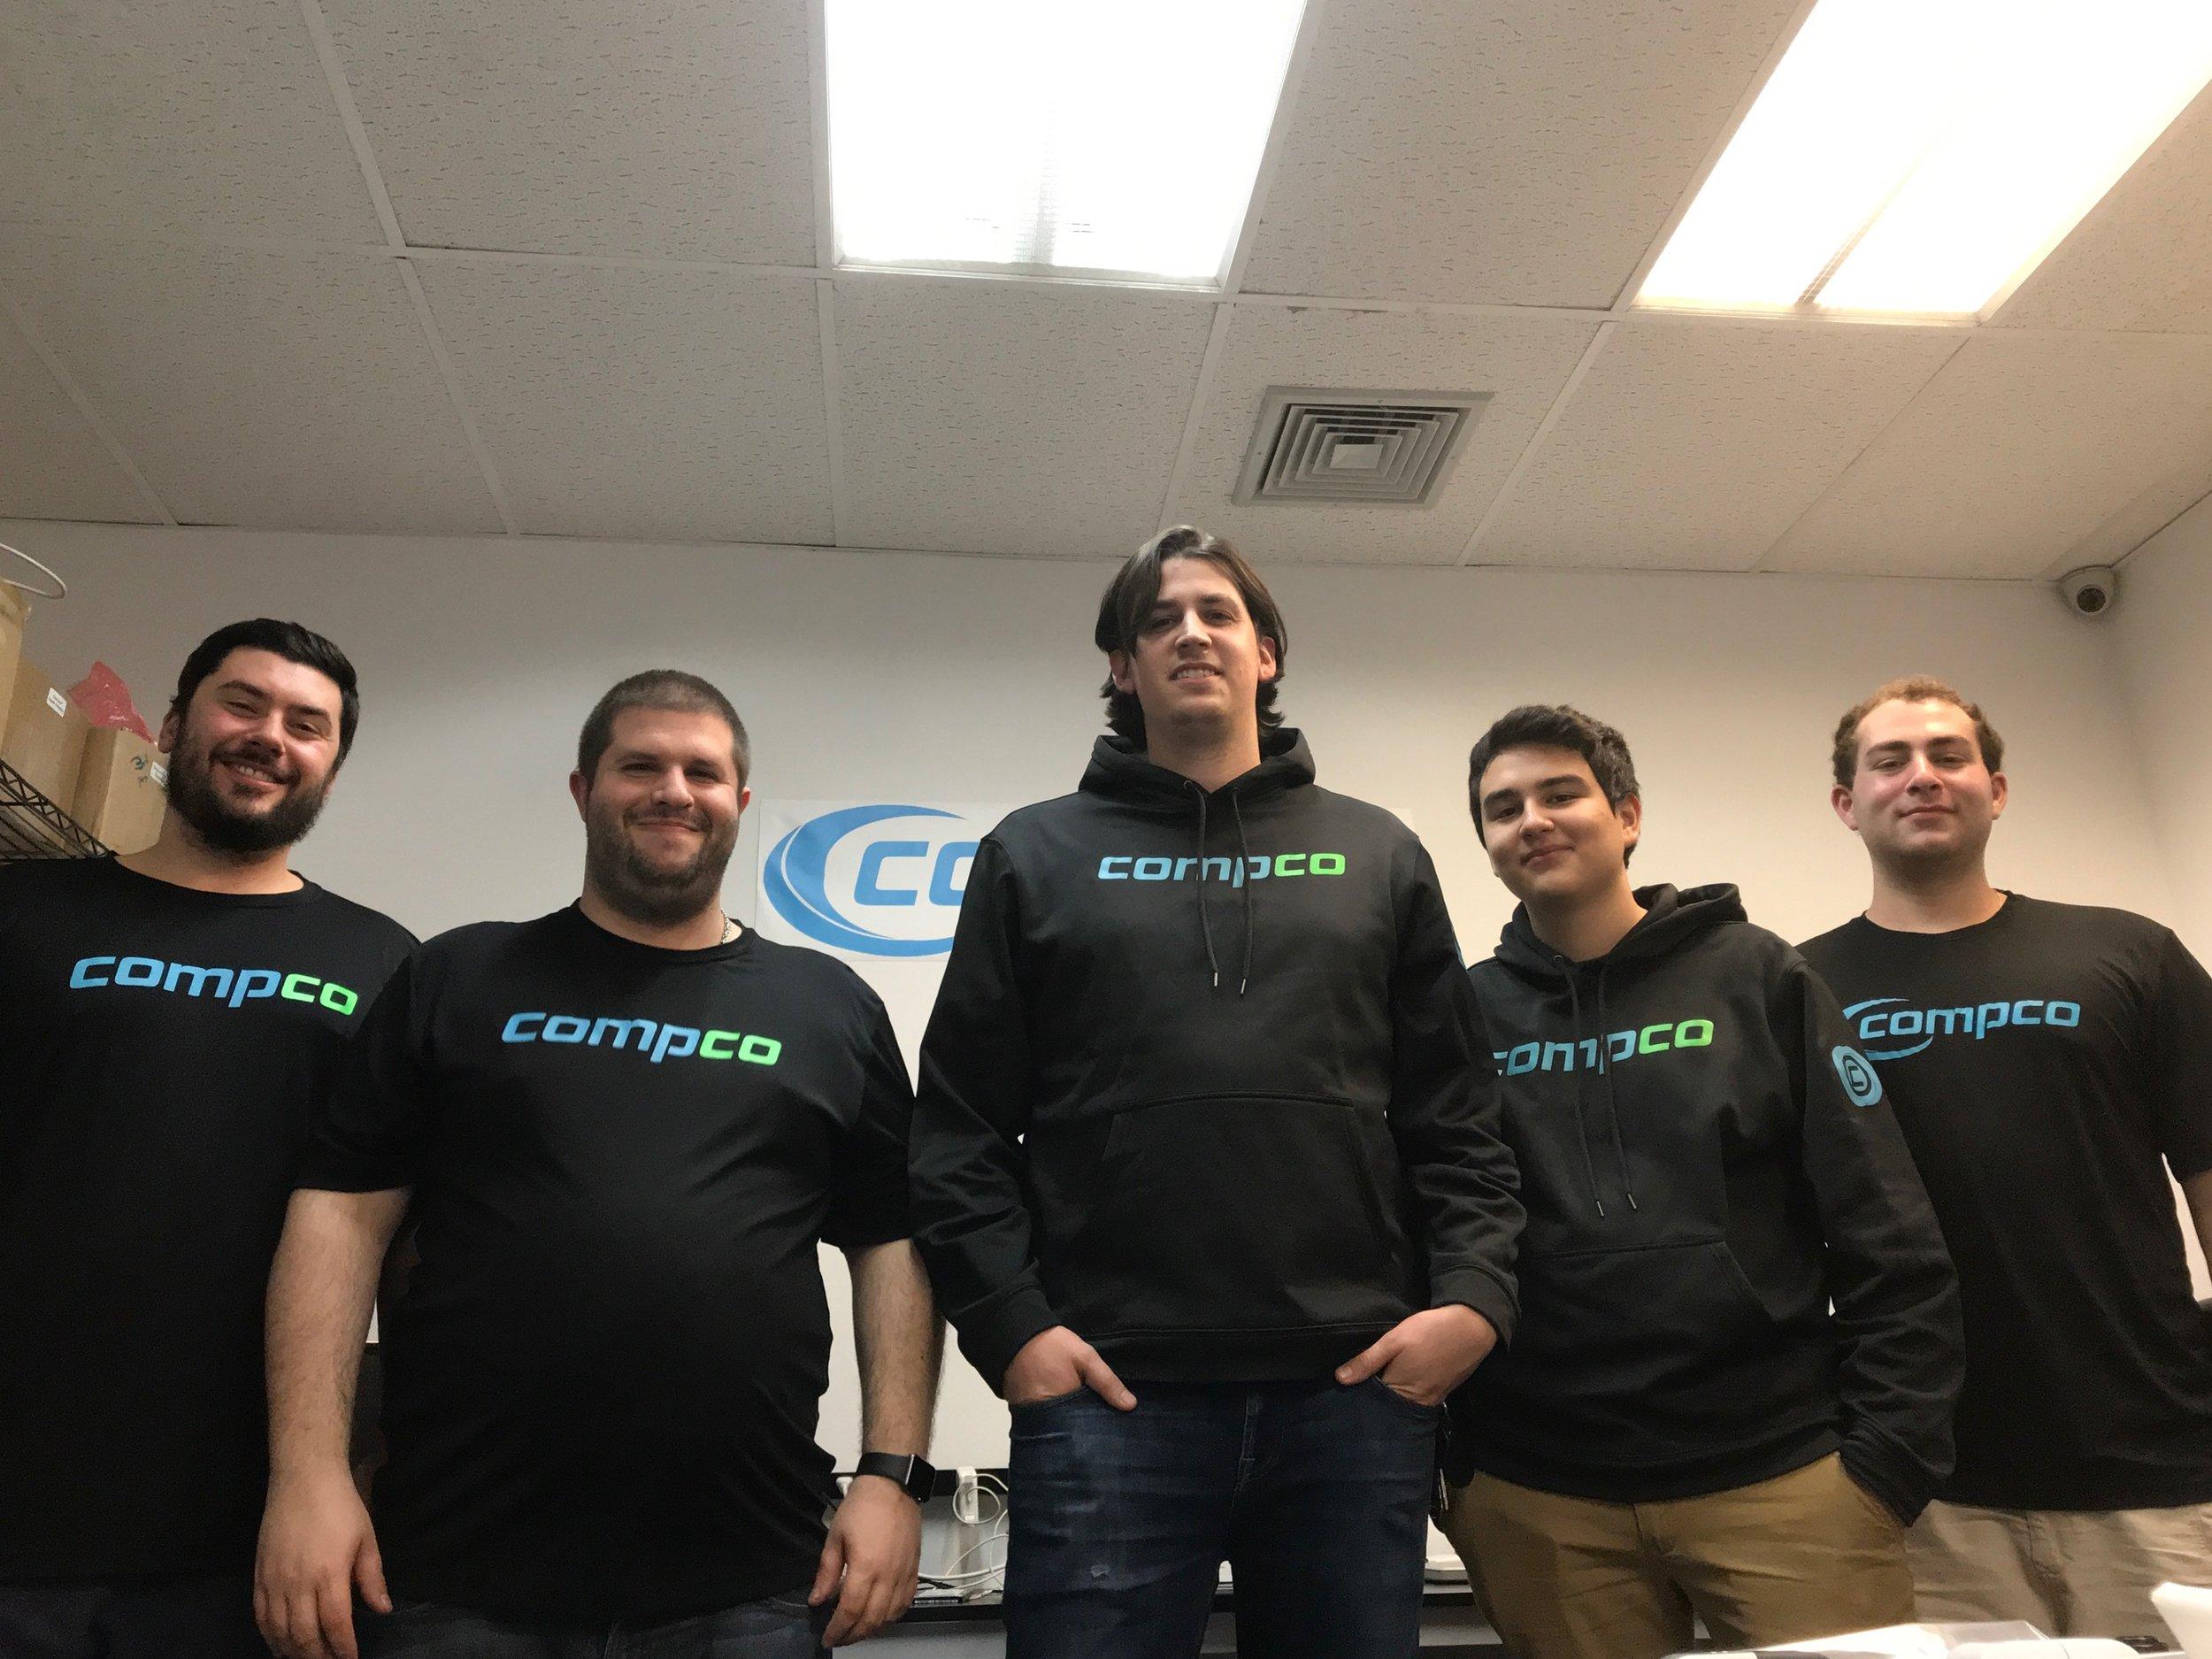 The 2017 team